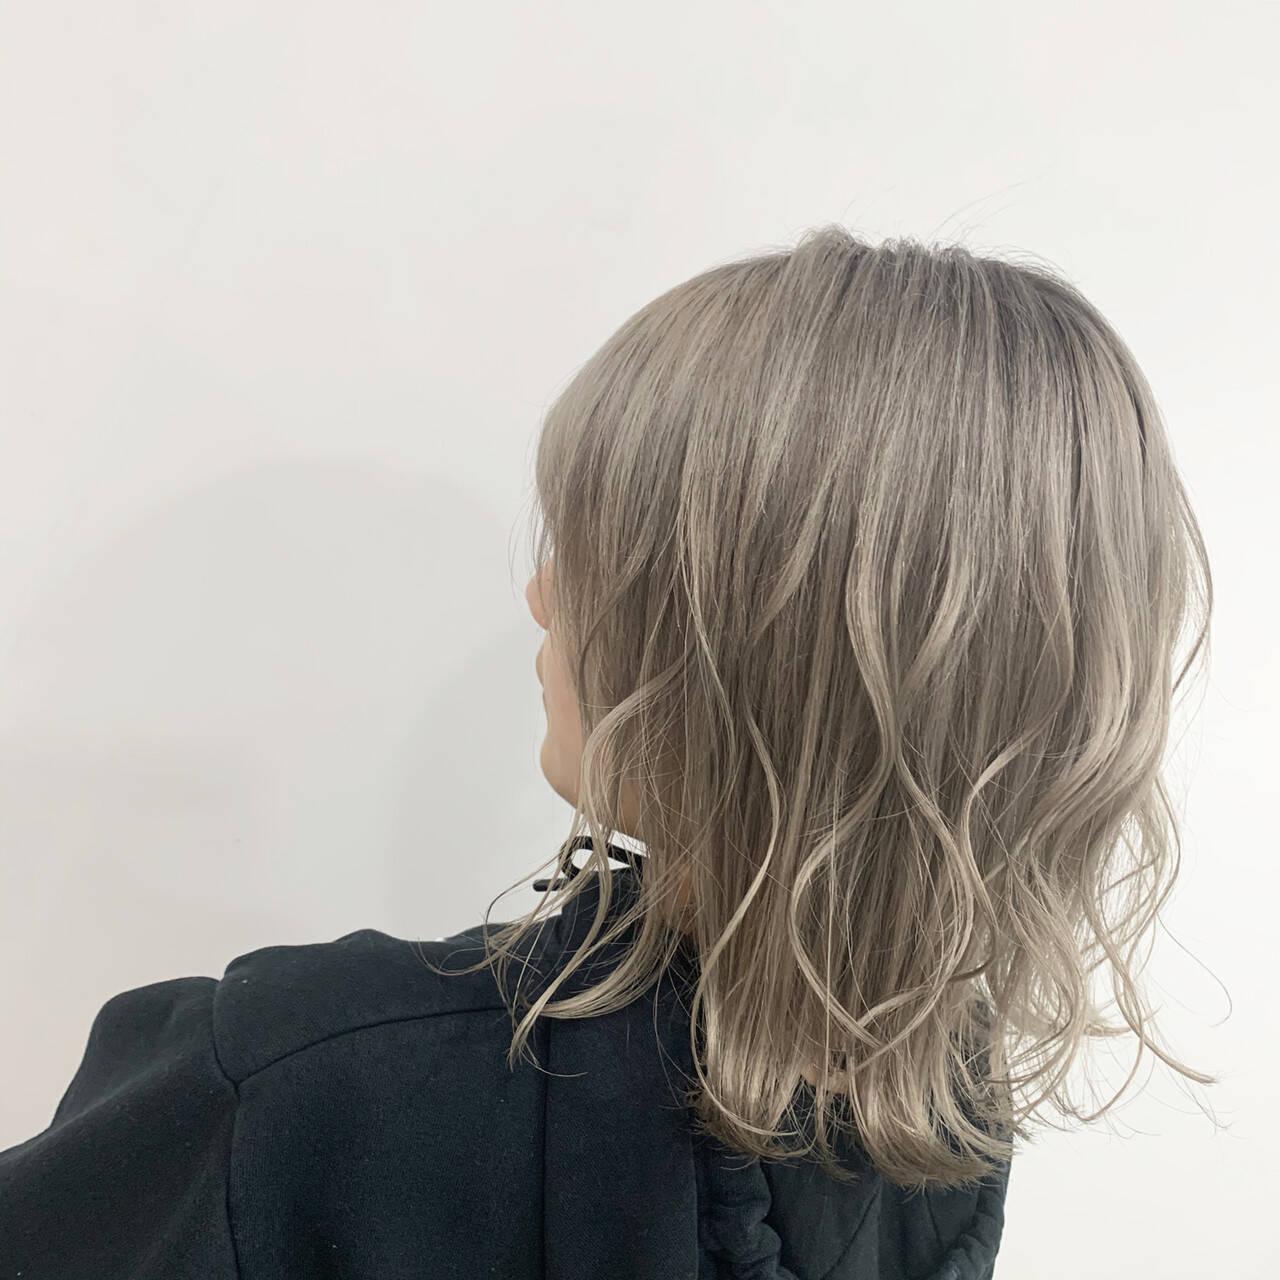 コテ巻き N.オイル ブリーチ ホワイトカラーヘアスタイルや髪型の写真・画像